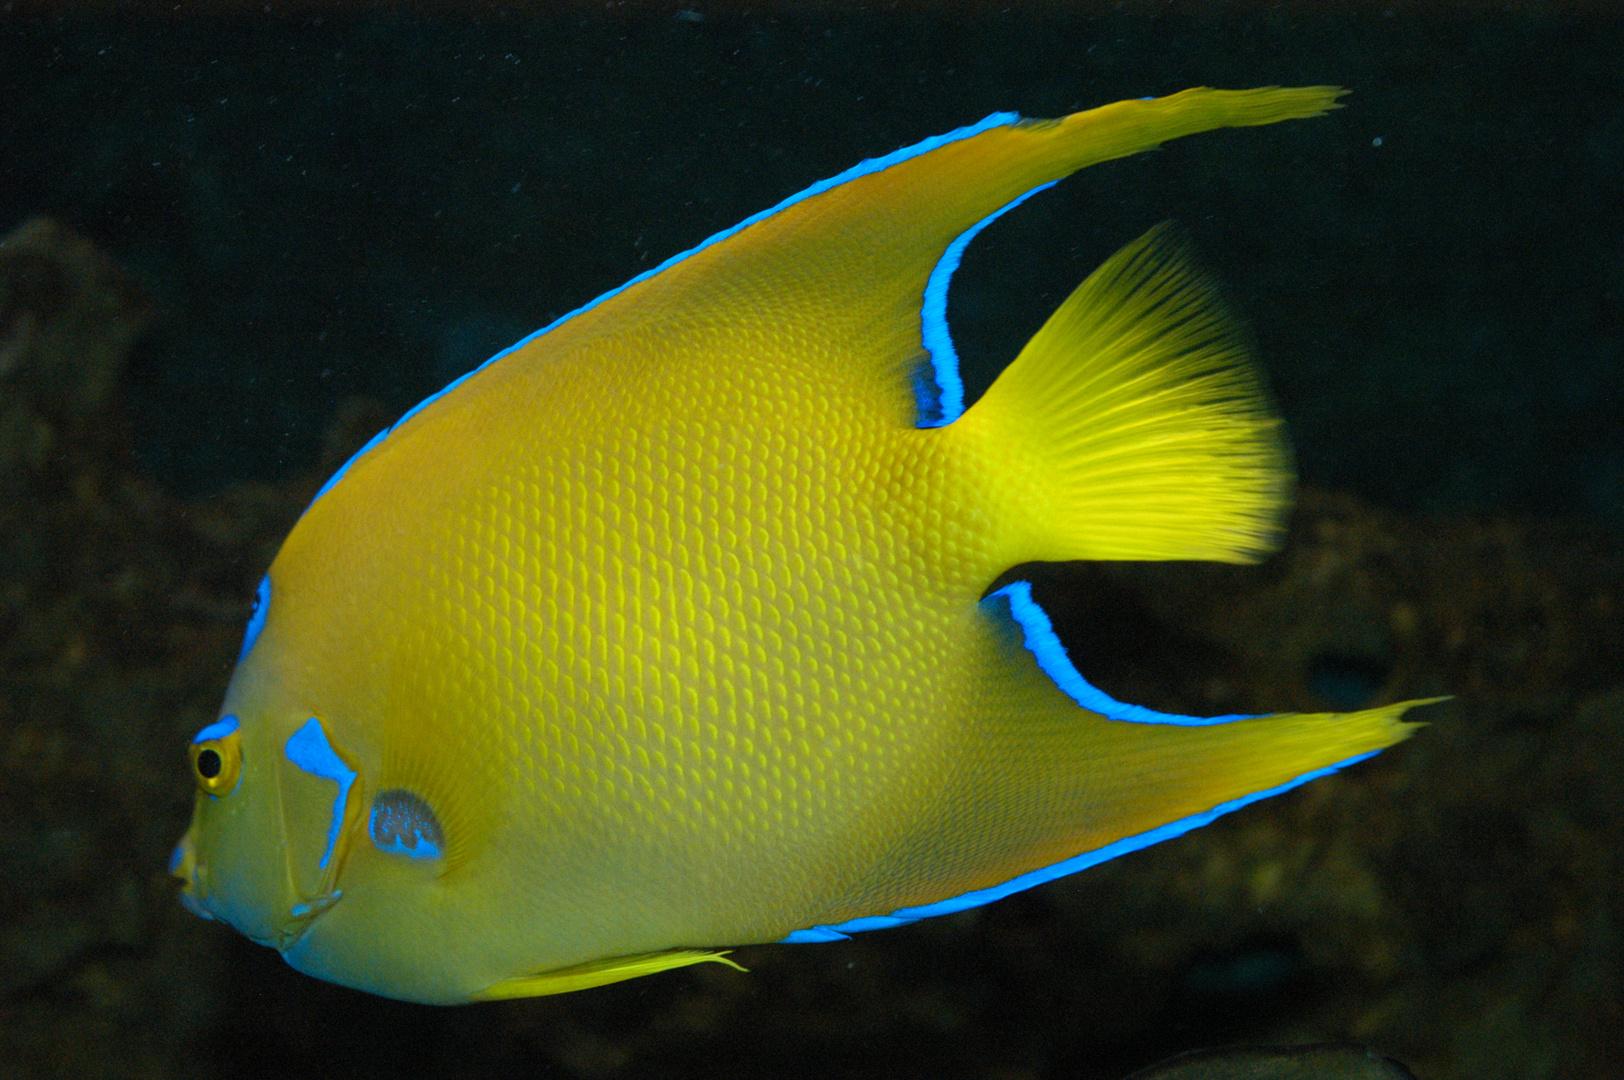 Königin-Kaiserfisch (Holacanthus ciliaris)